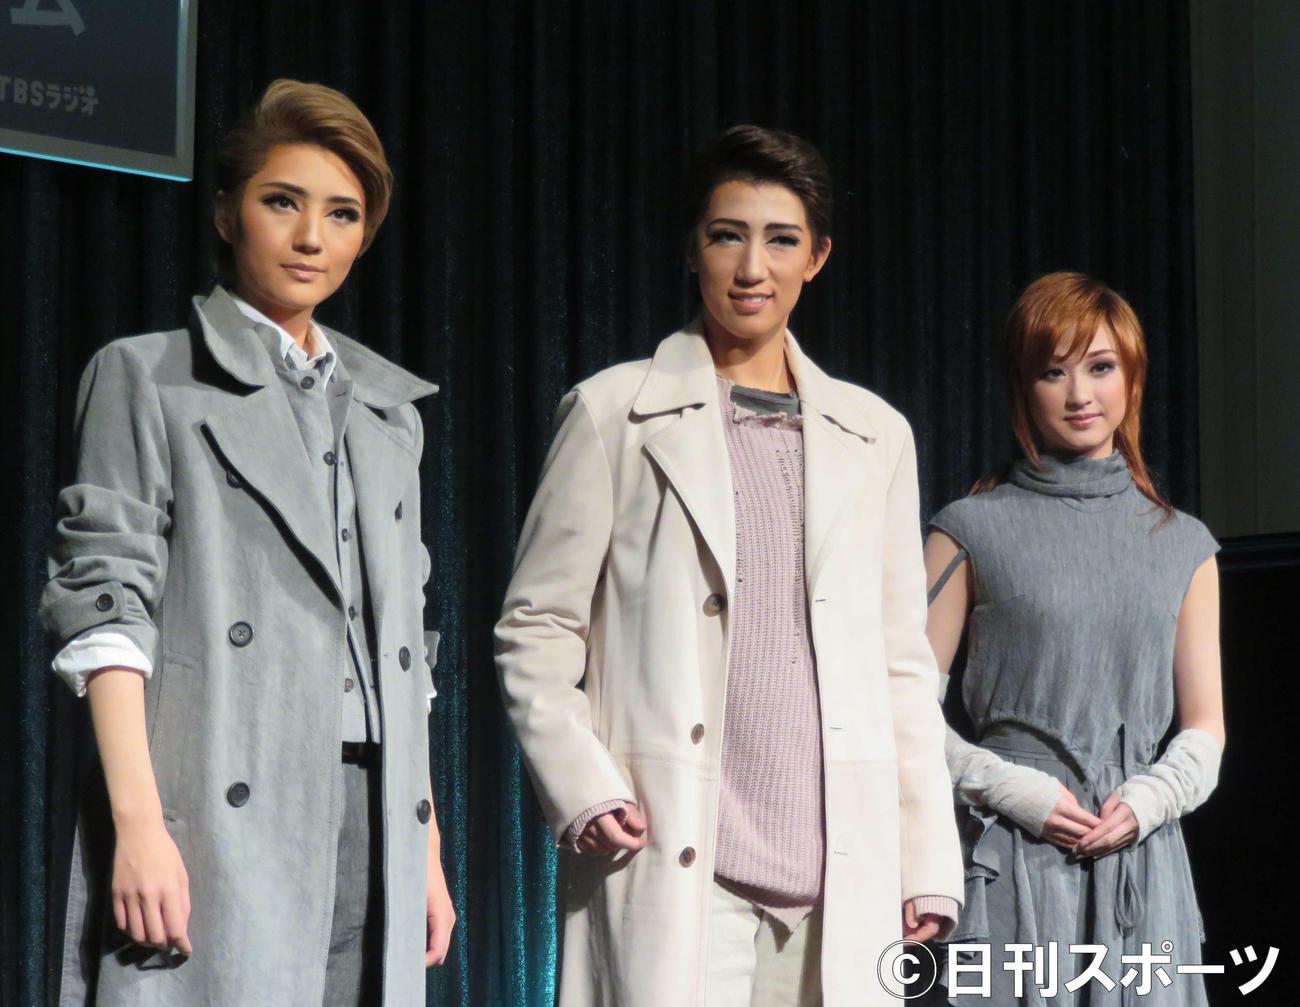 宝塚歌劇団宙組公演「FLYING SAPA-フライング サパ-」の制作発表会見に出席した、左から芹香斗亜、真風涼帆、星風まどか